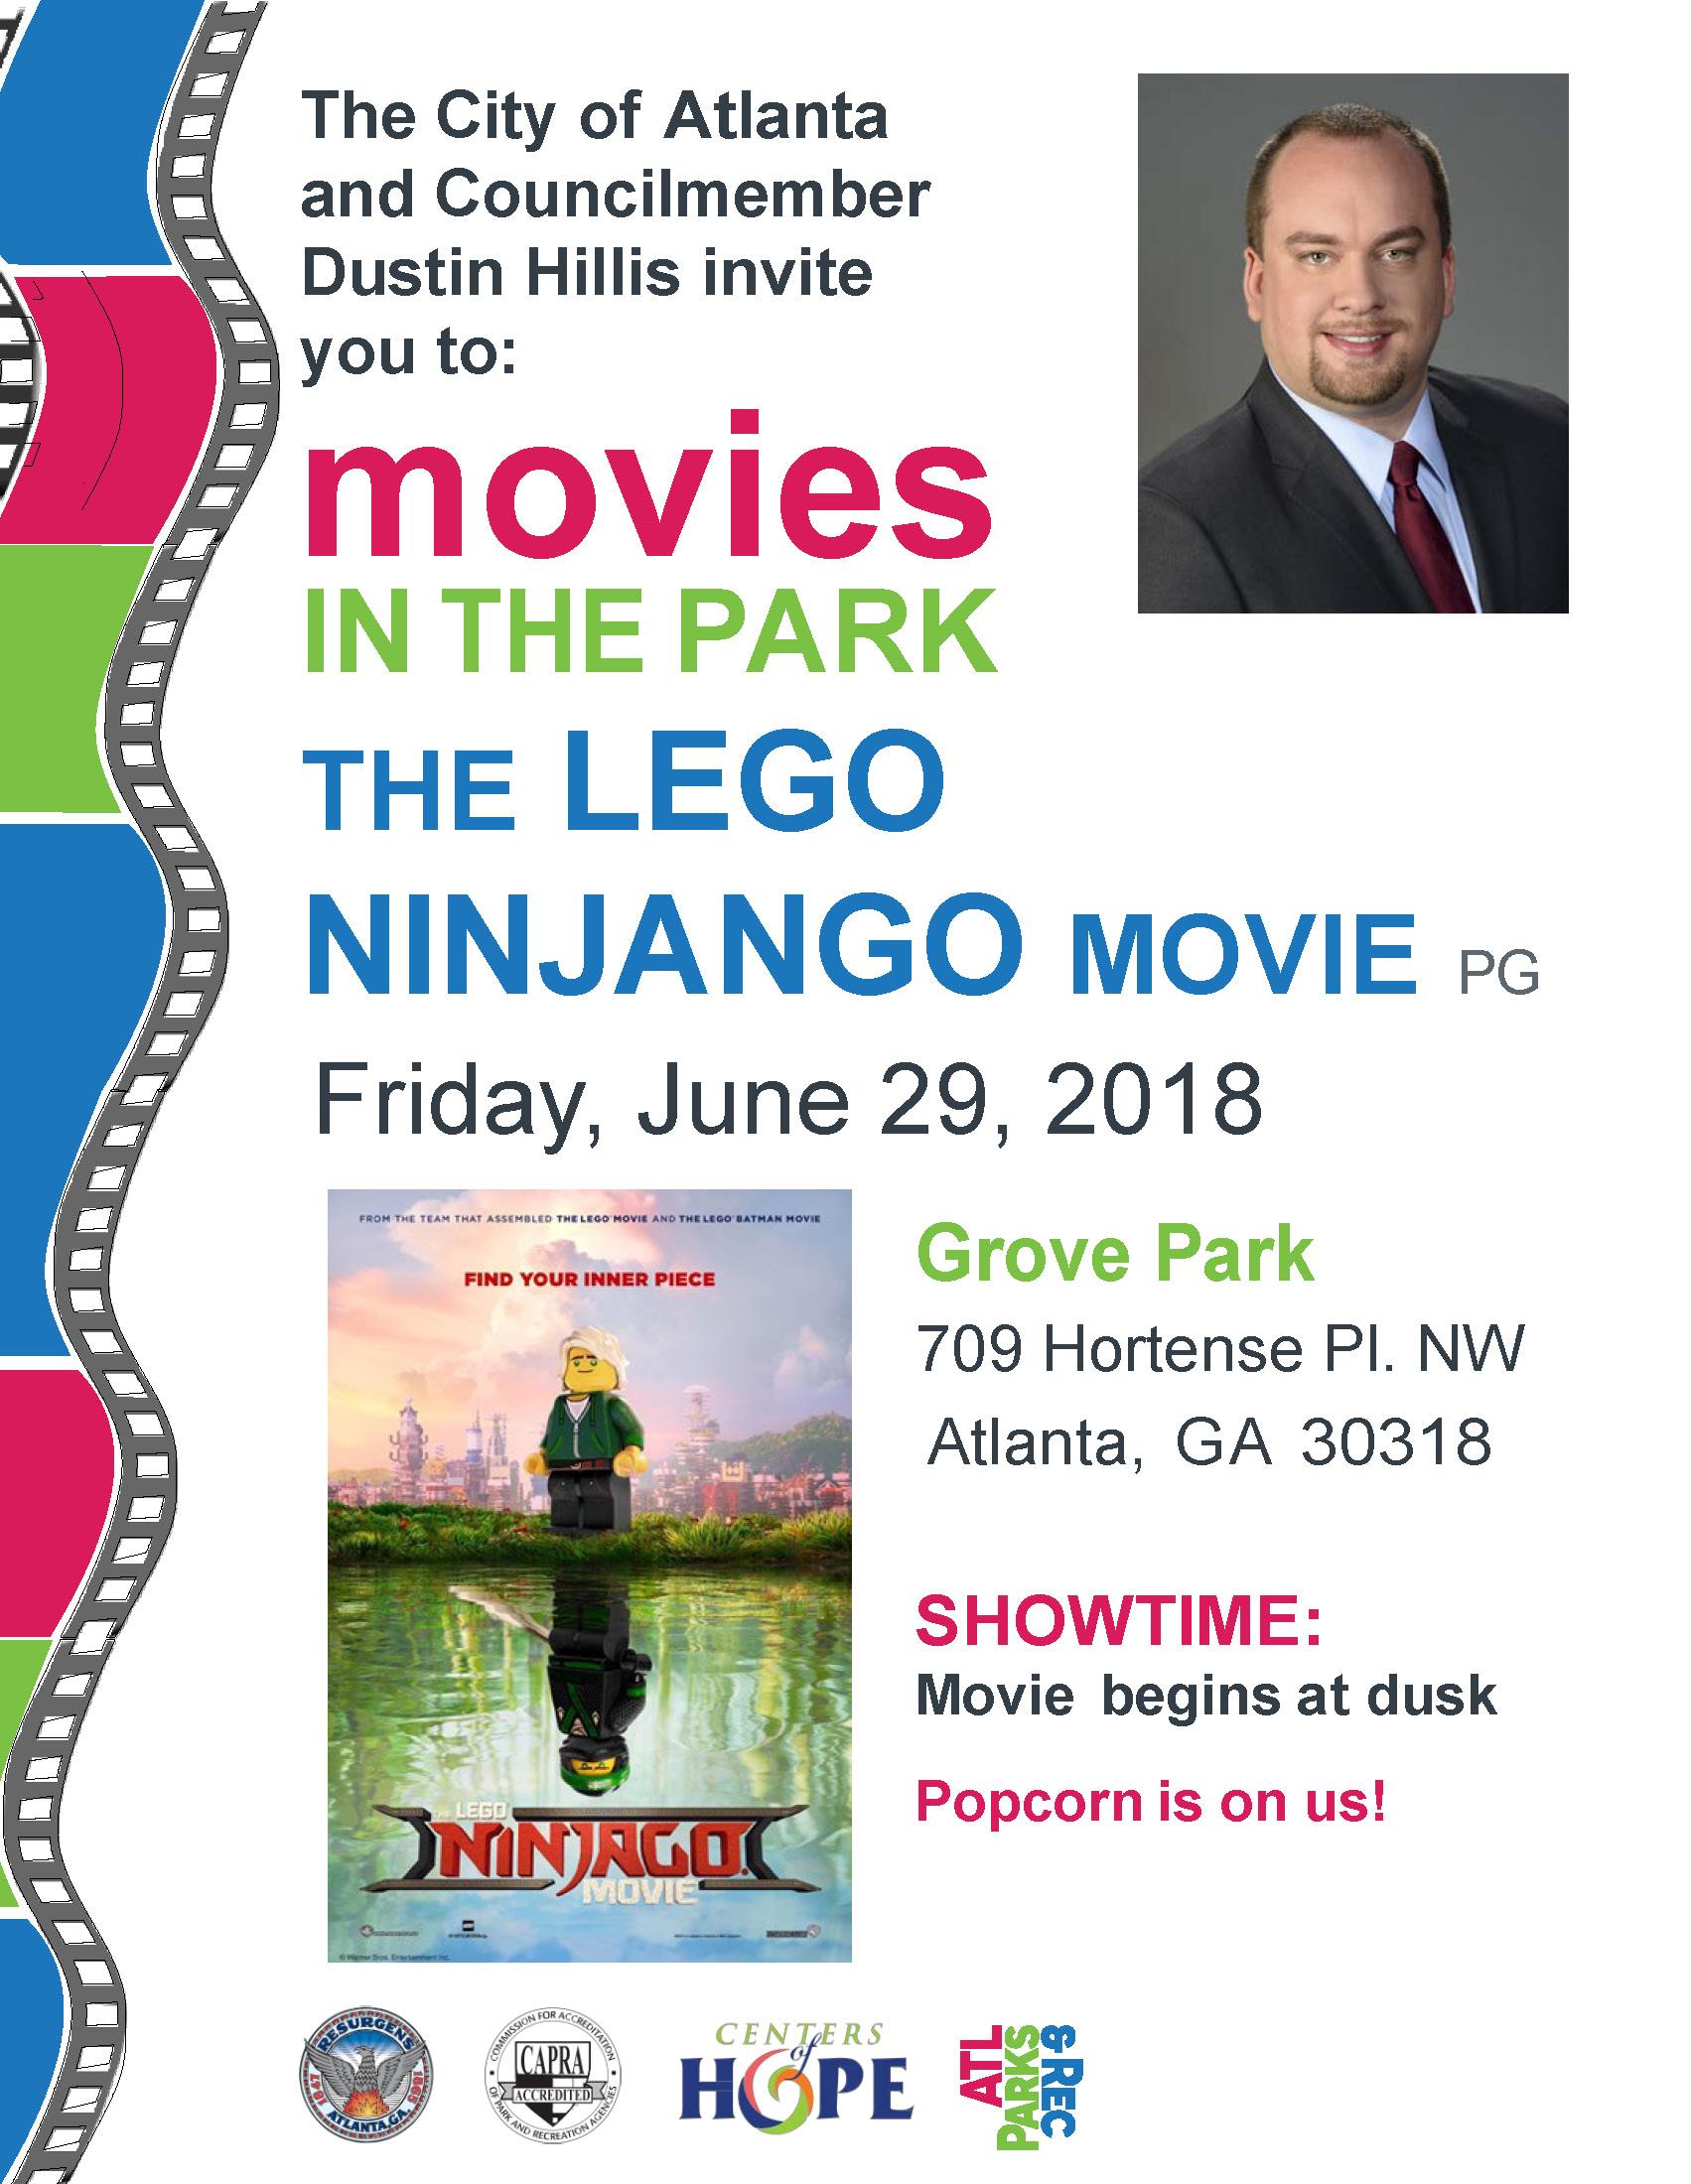 2018 Movies in the Park Flyer LegoNinjango.jpg